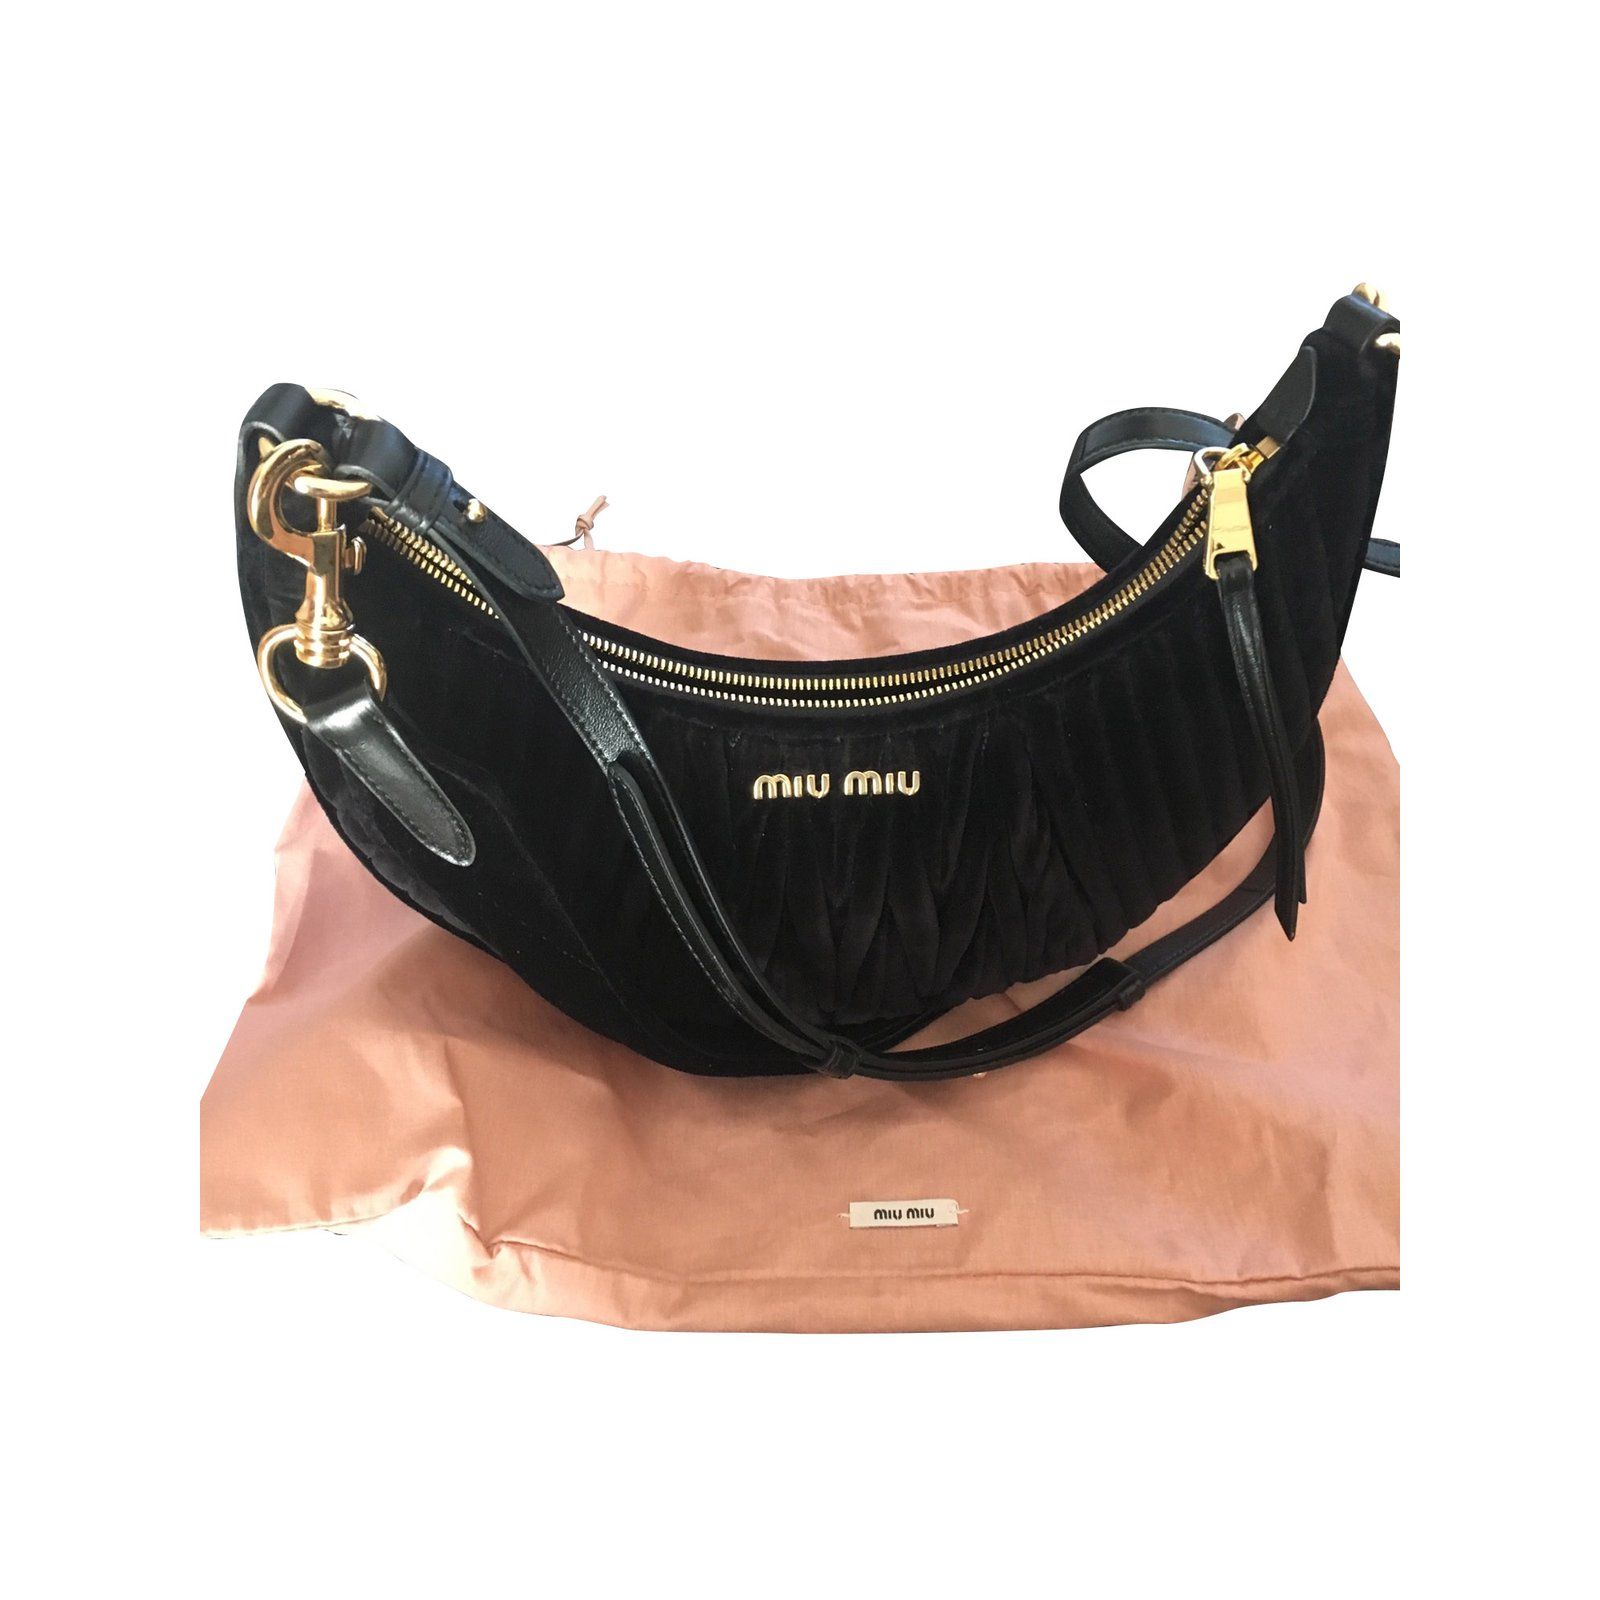 48d73aa14517 Miu Miu Banana Handbags Velvet Black ref.110453 - Joli Closet